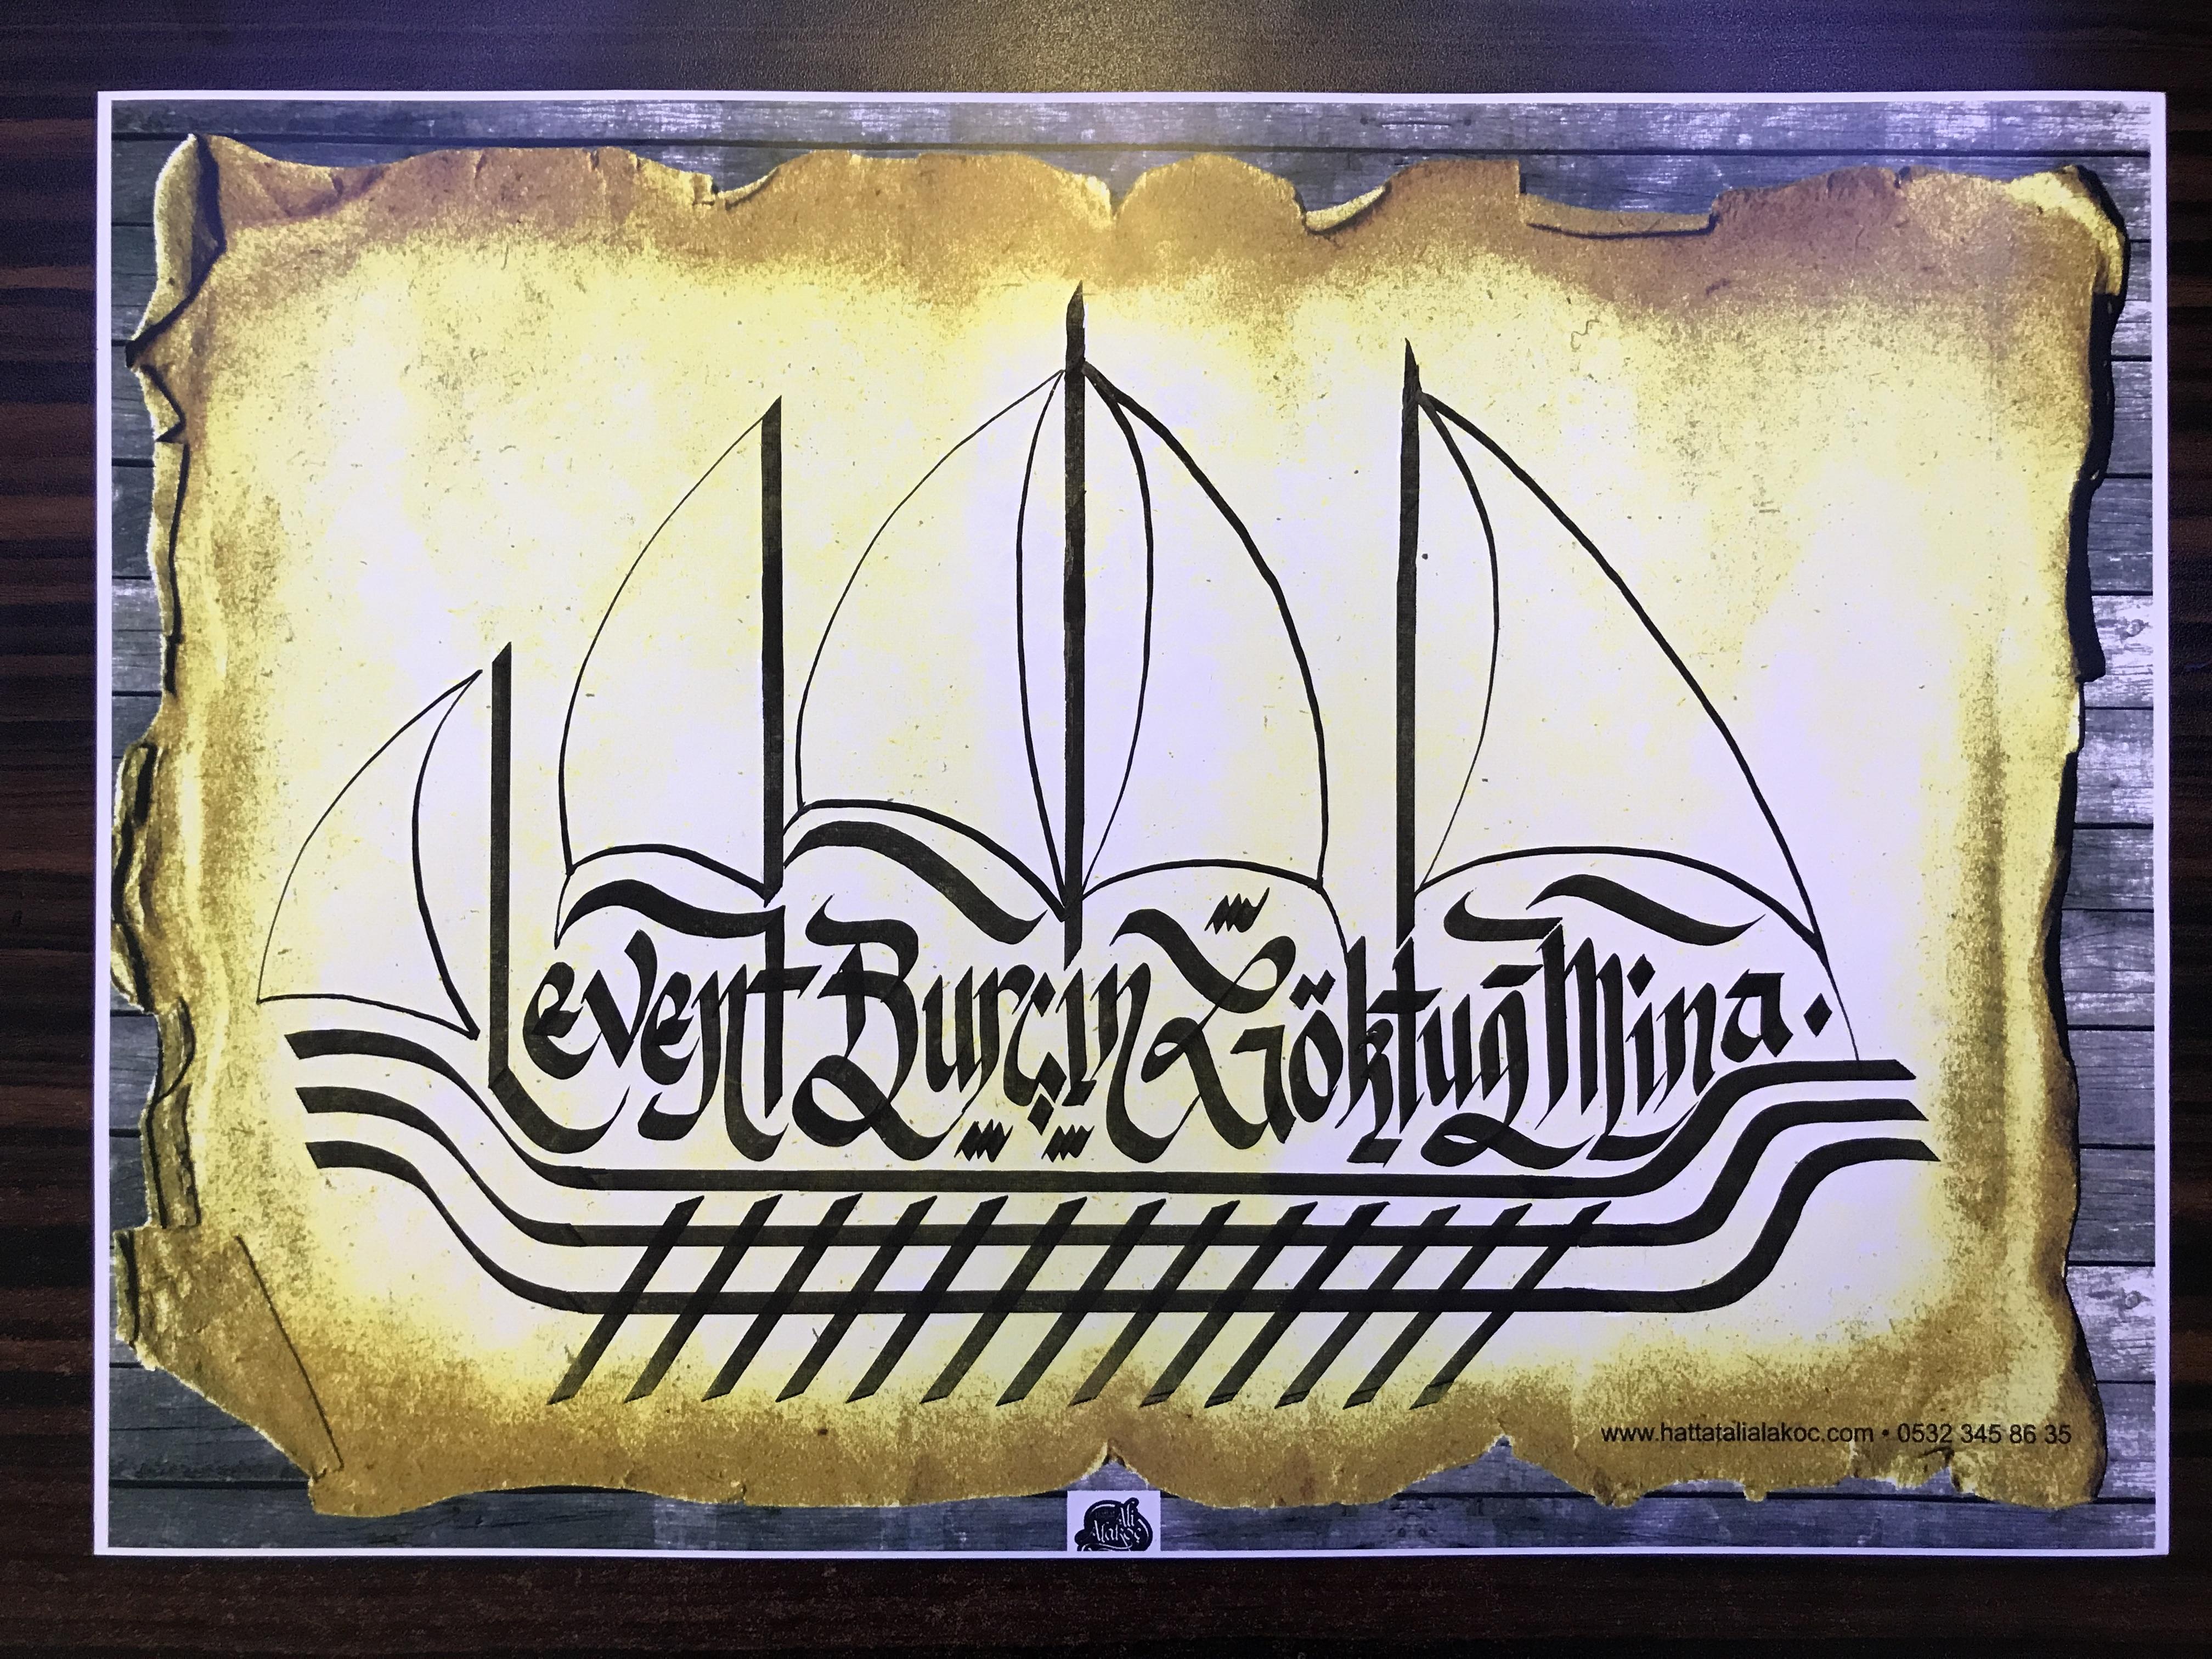 Ankara, Tabela, Reklam, Reklamcı, Tabelacı, Tabela İmalatı, Hat Sanatı, Kaligrafi, Hat, Tabak İçi Yazı, Tabak Süsleme, Tezhip, Davetiye Yazısı, Davetiye Yazımı, Davetiye Üzeri İsim Yazısı, Protokol (92)